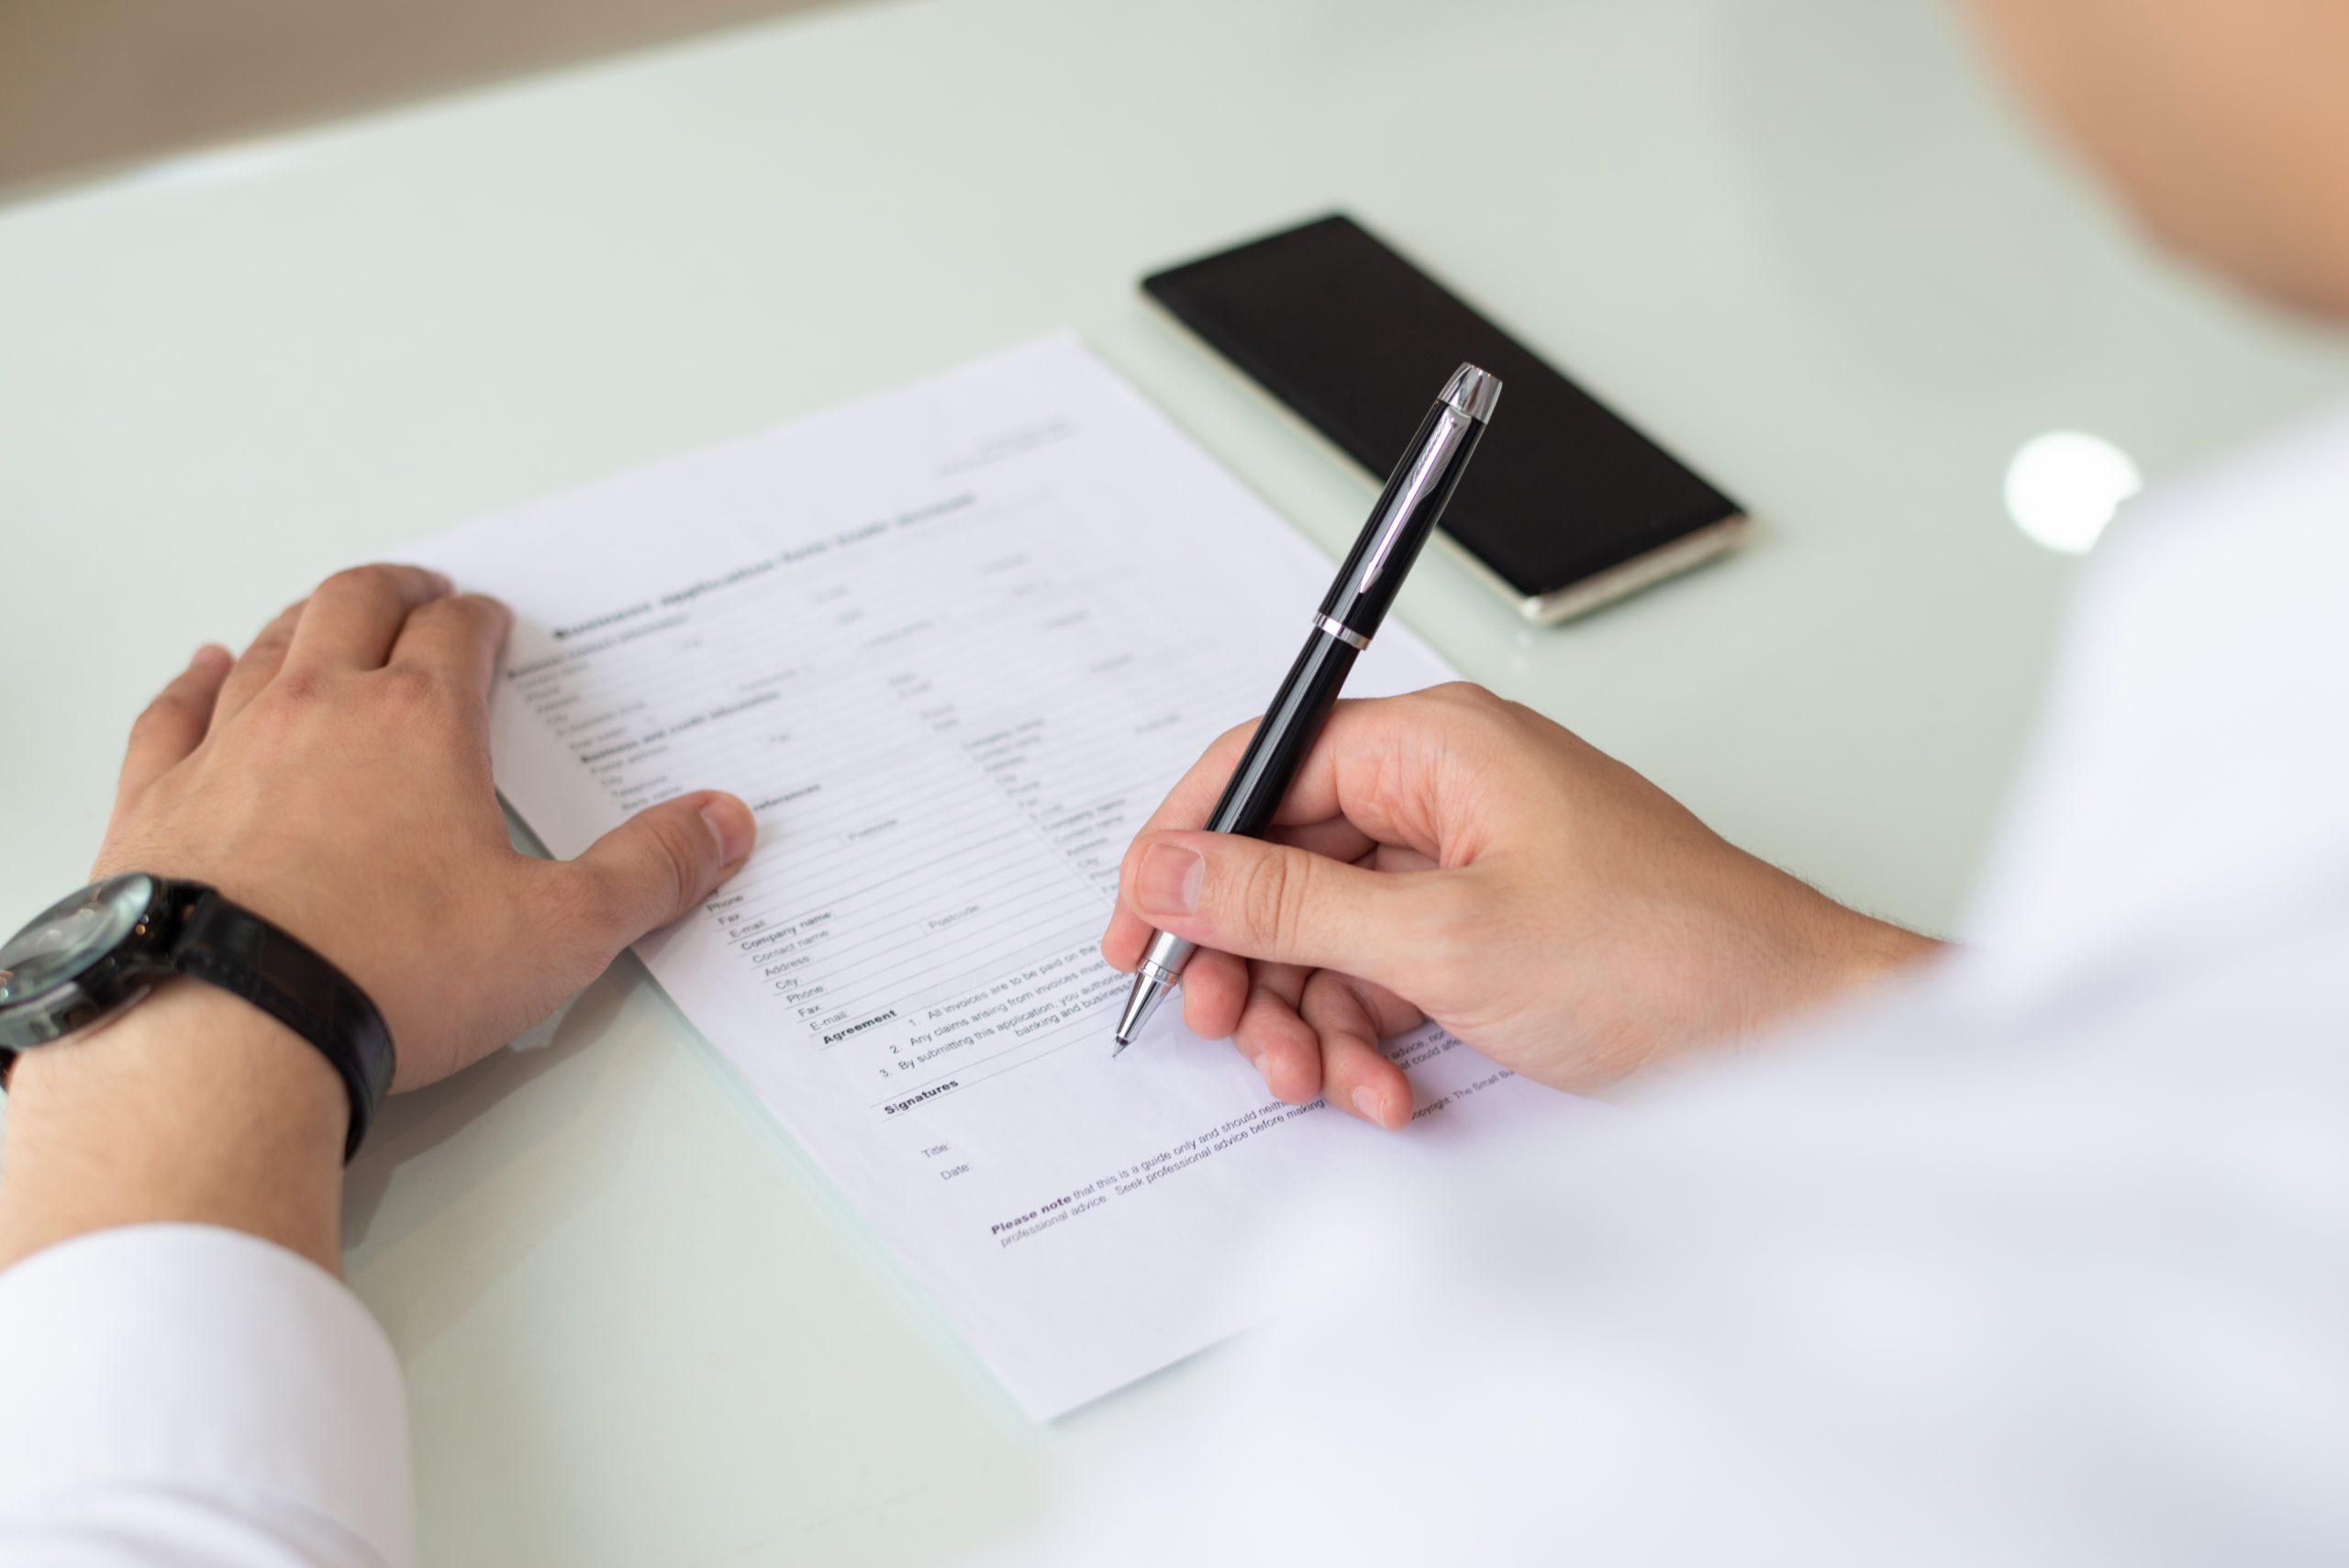 Como é o formulário de inscrição das Universidades Americanas e o que eles exigem?